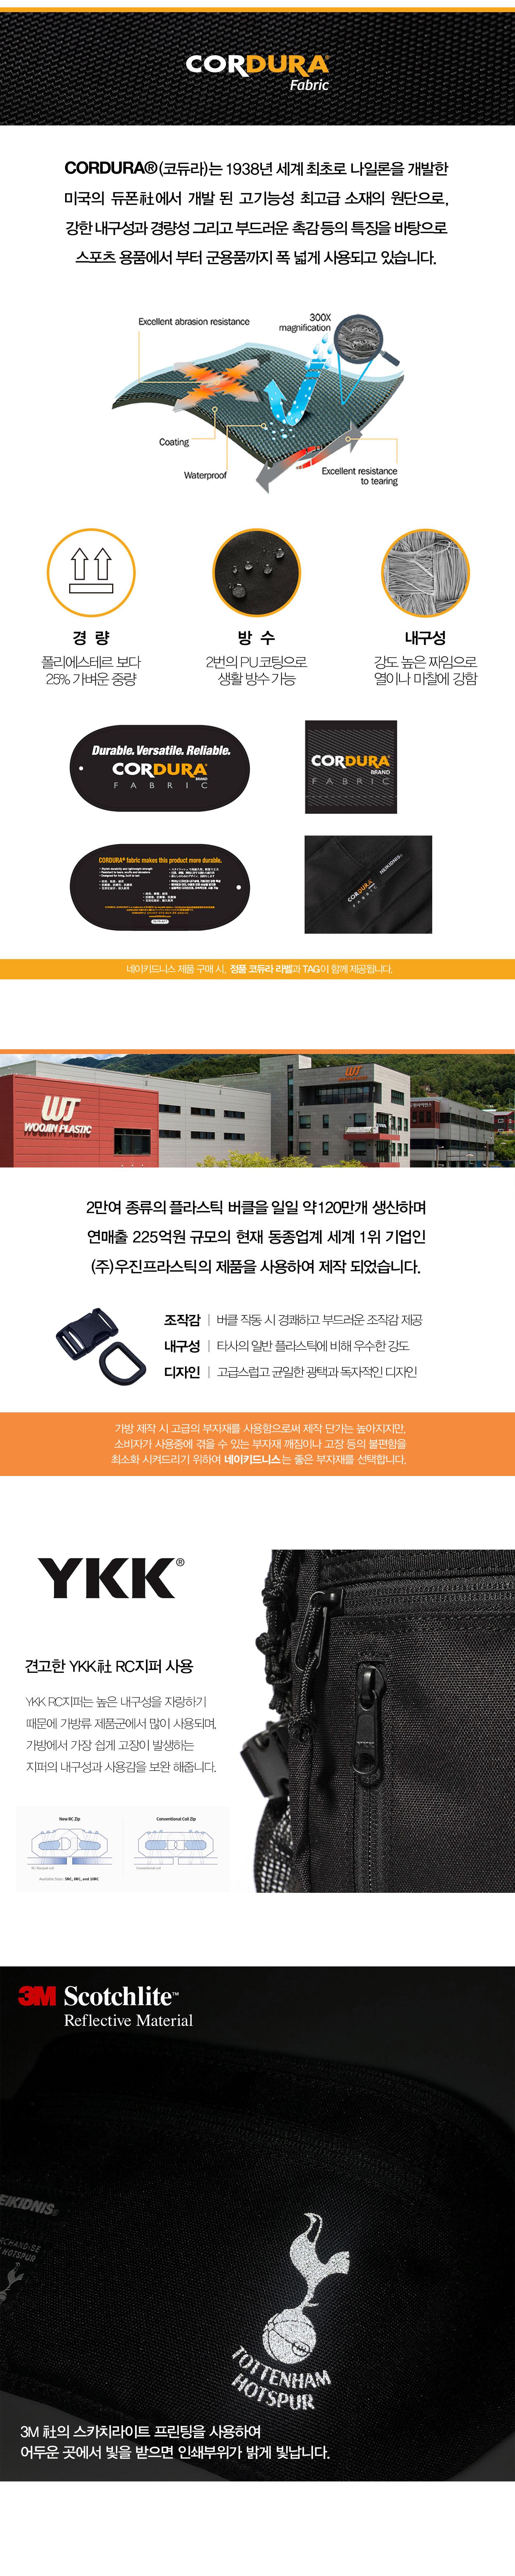 NHS001-101_W1400-3.jpg